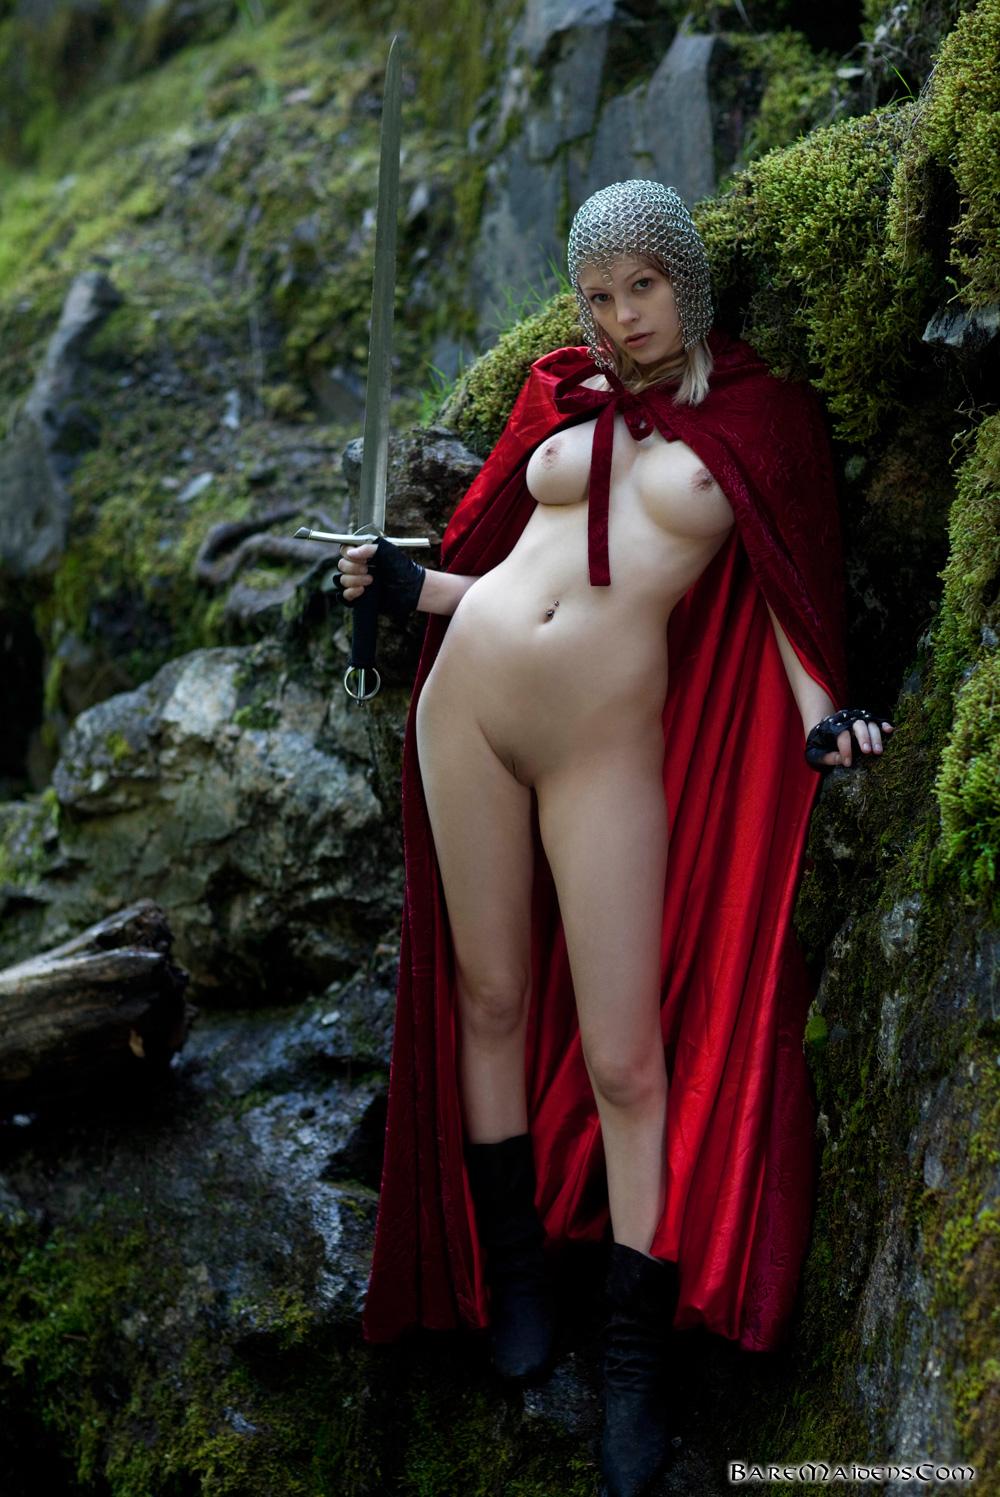 Maidens bare brea nudes daniels